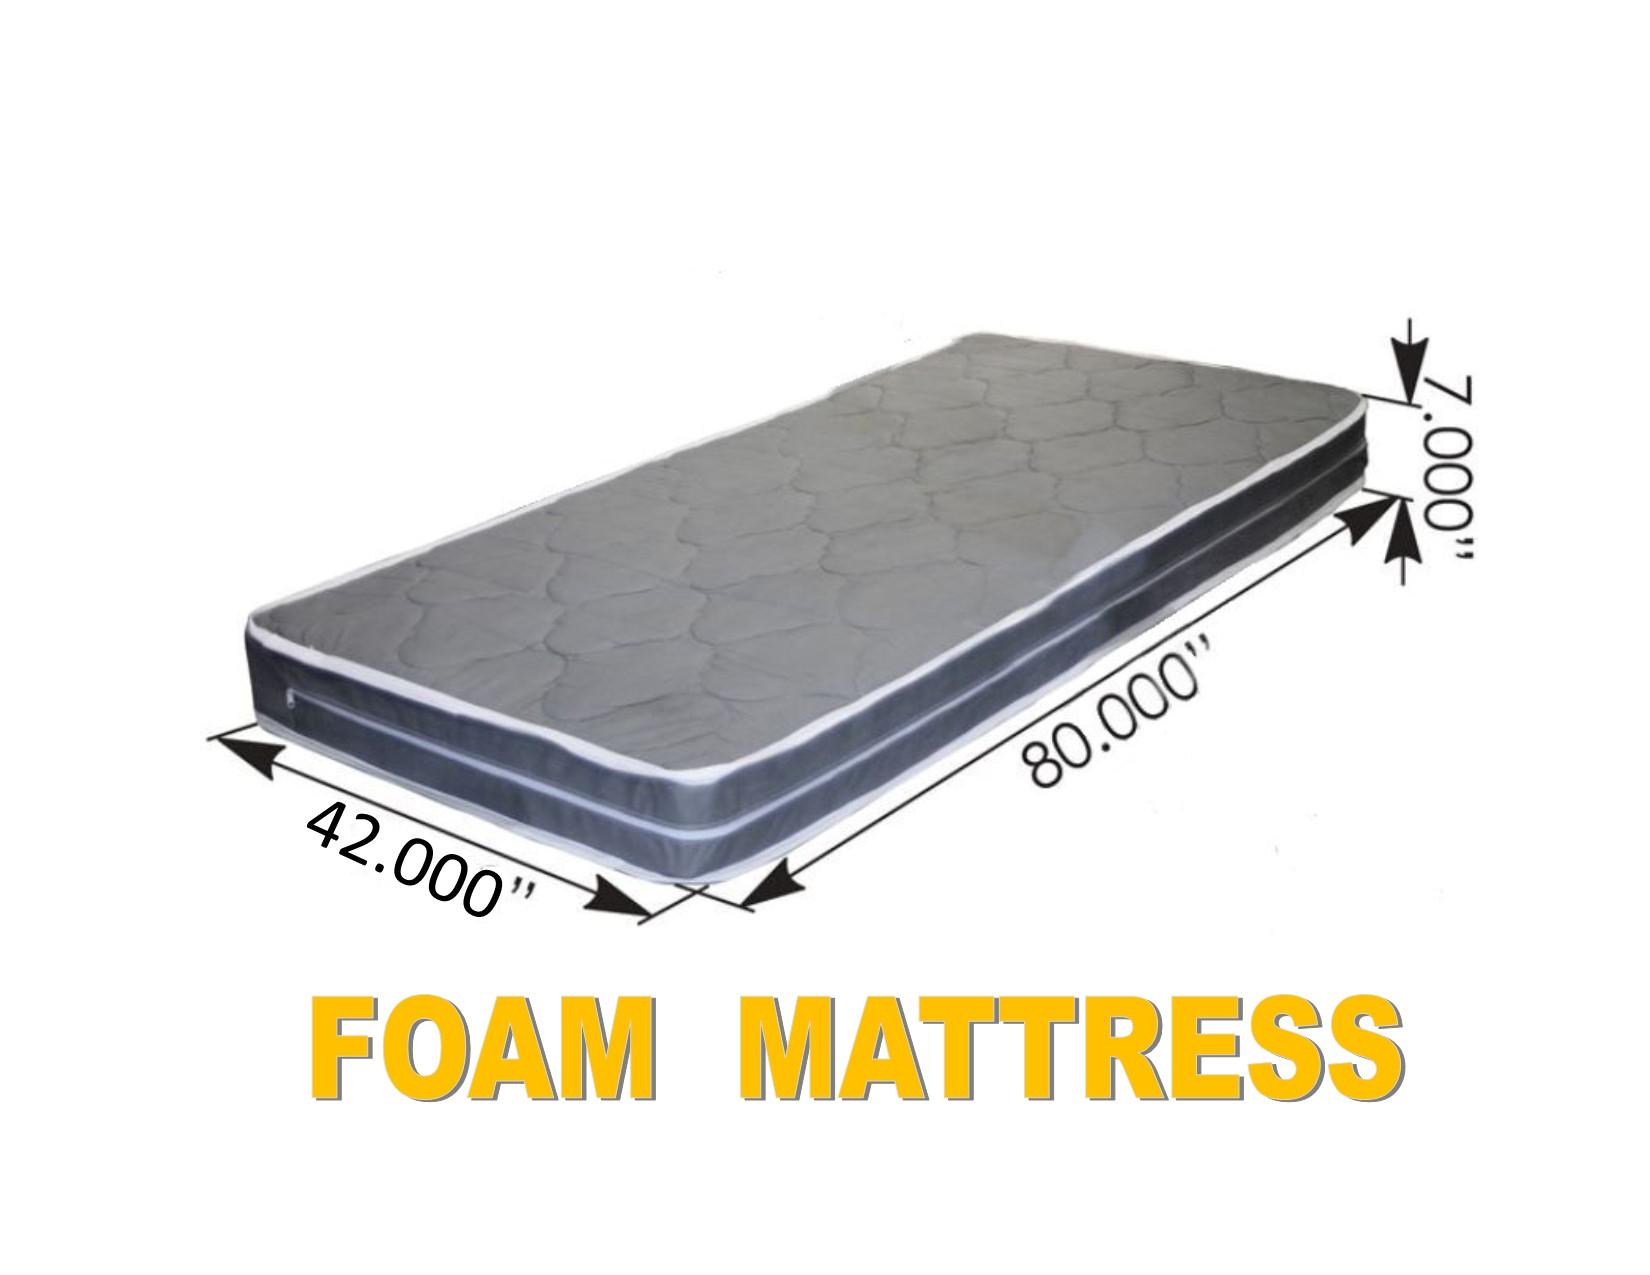 """FOAM MATTRESS (42"""" x 80"""" x 7"""")Semi Truck Sleeper Cab Bed RV"""